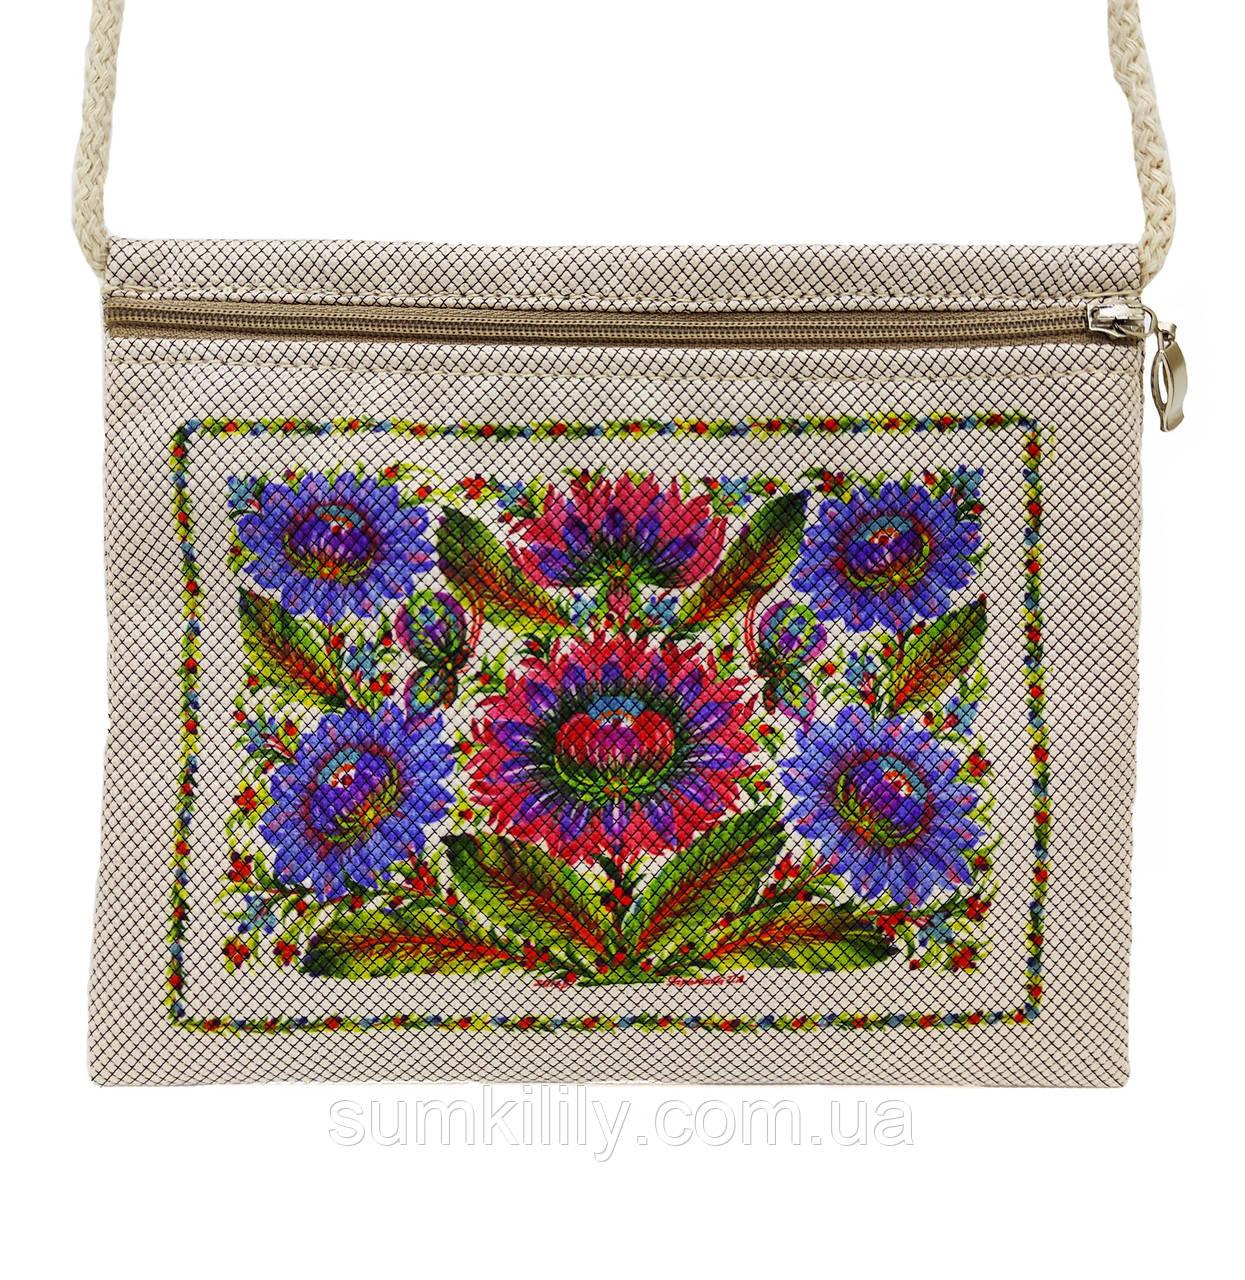 Текстильний гаманець Айстри